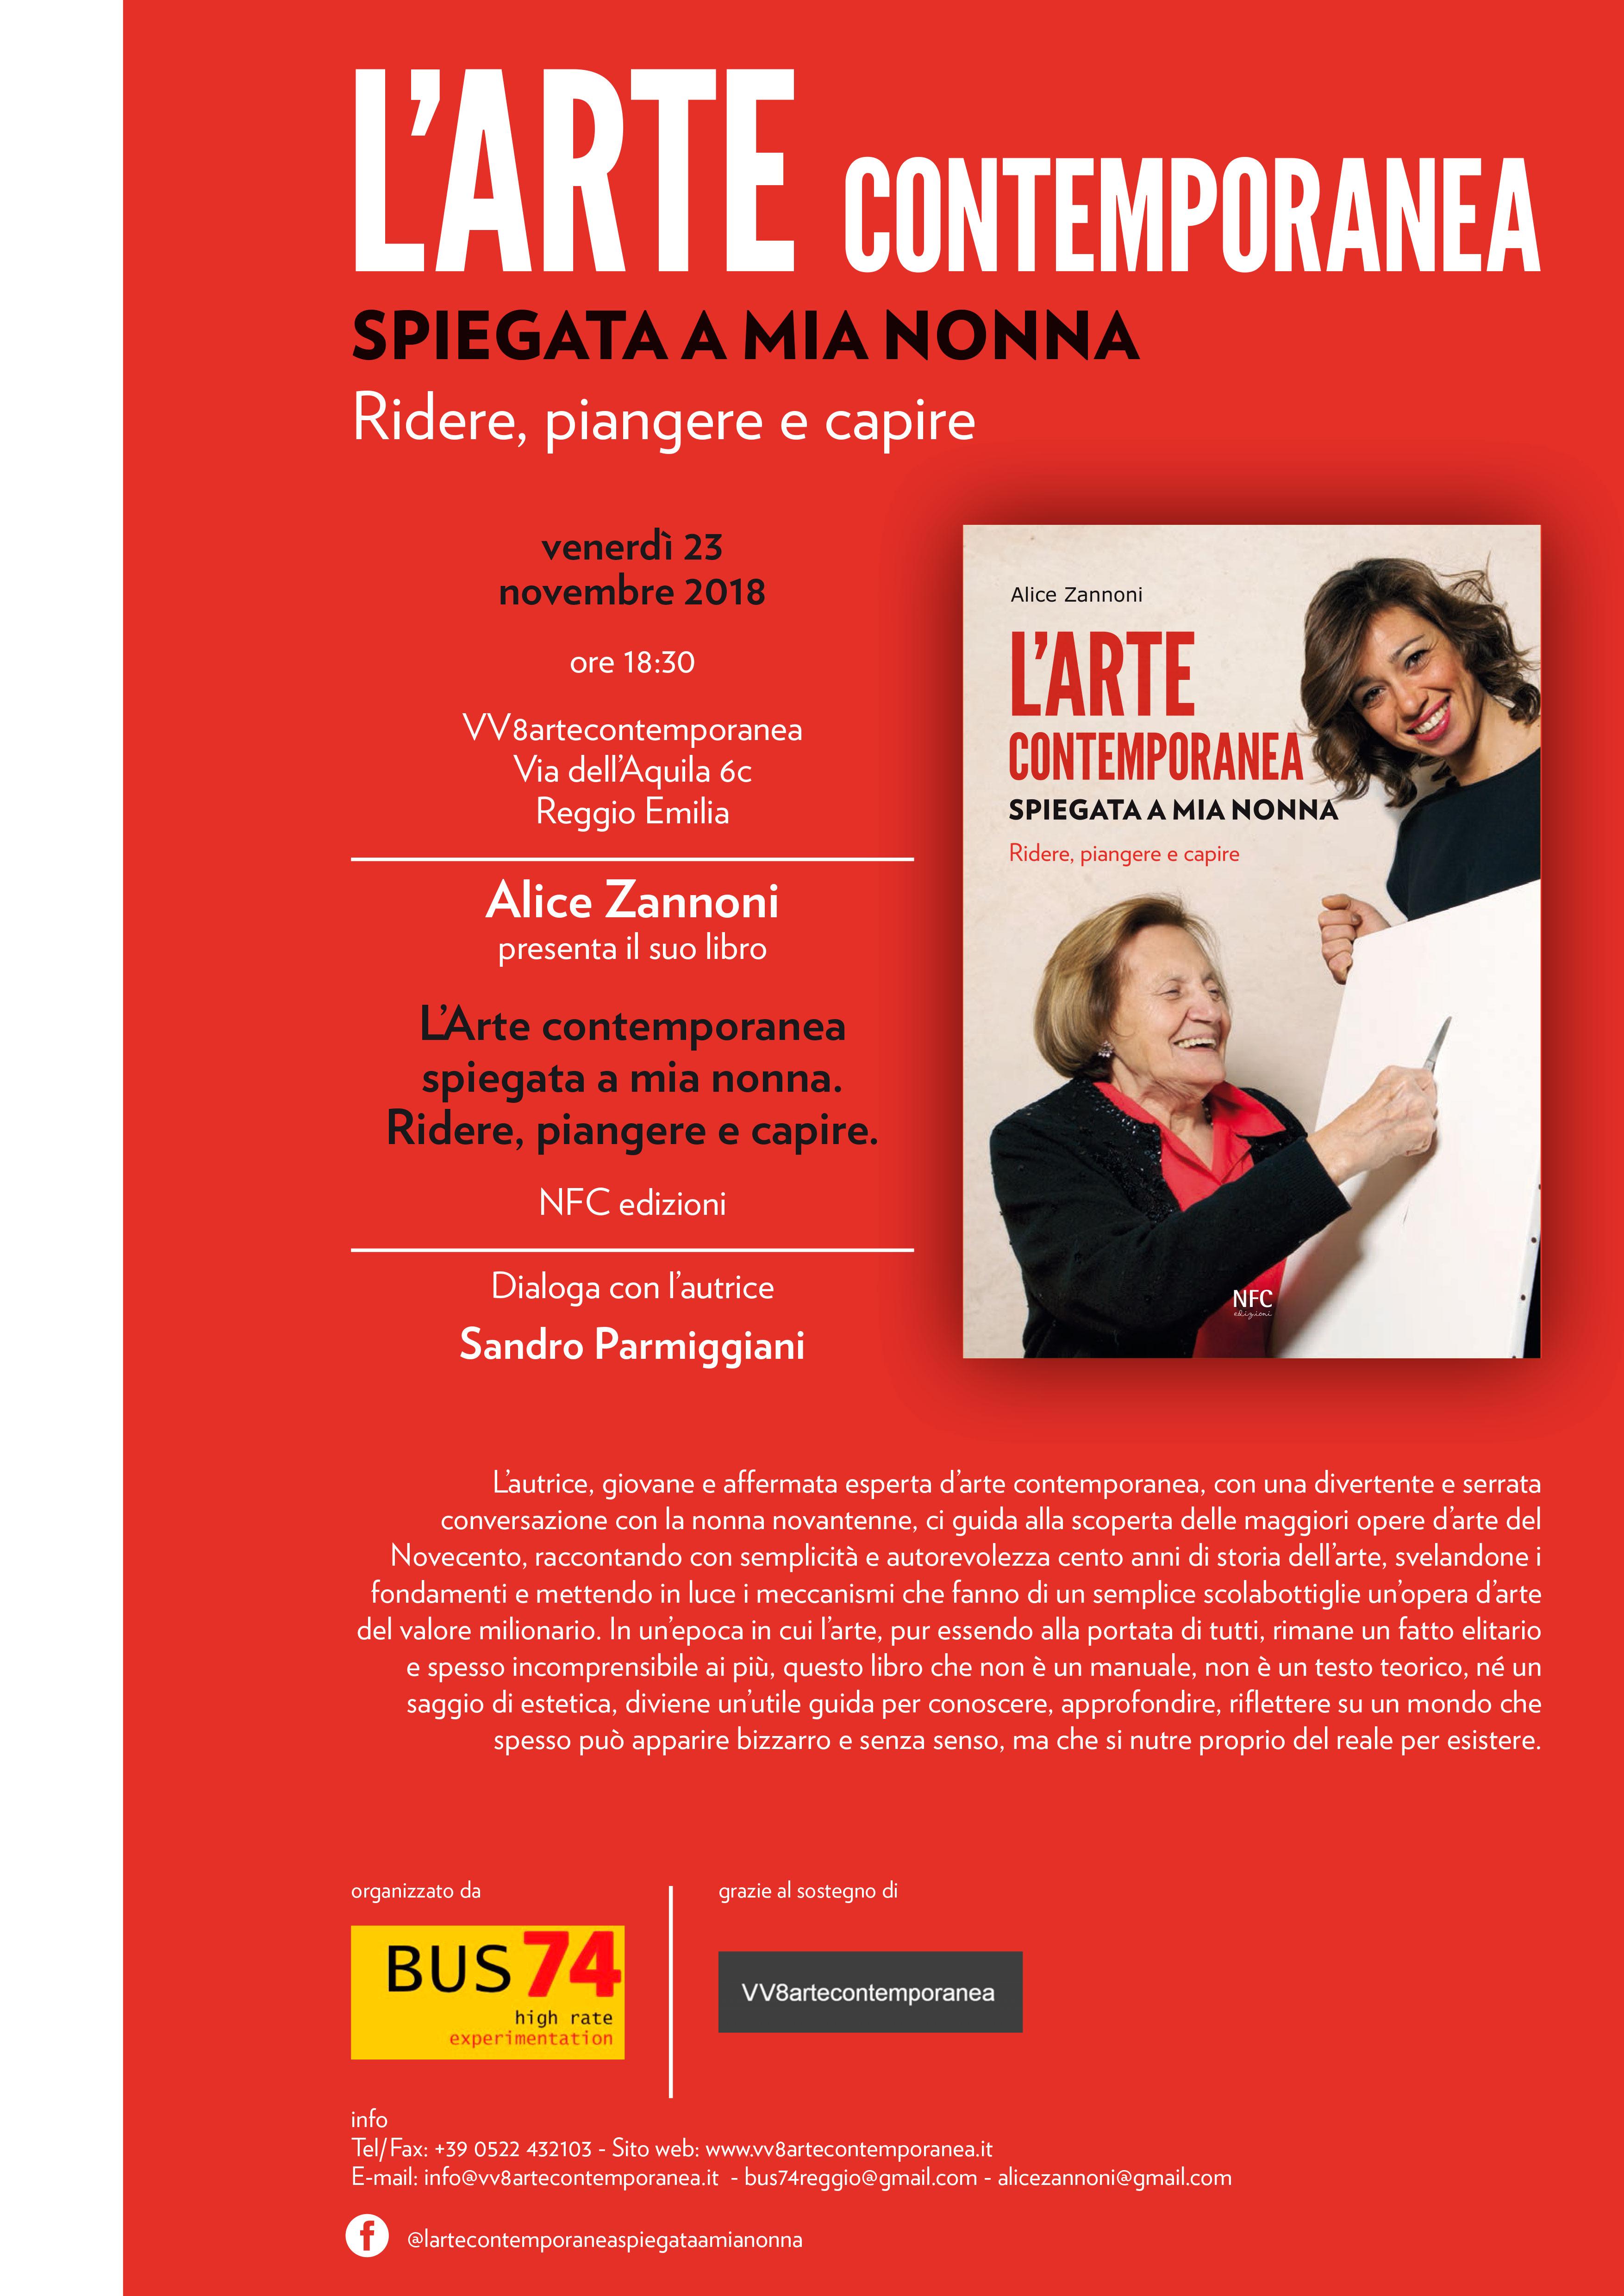 L'ARTE CONTEMPORANEA Alice Zannoni